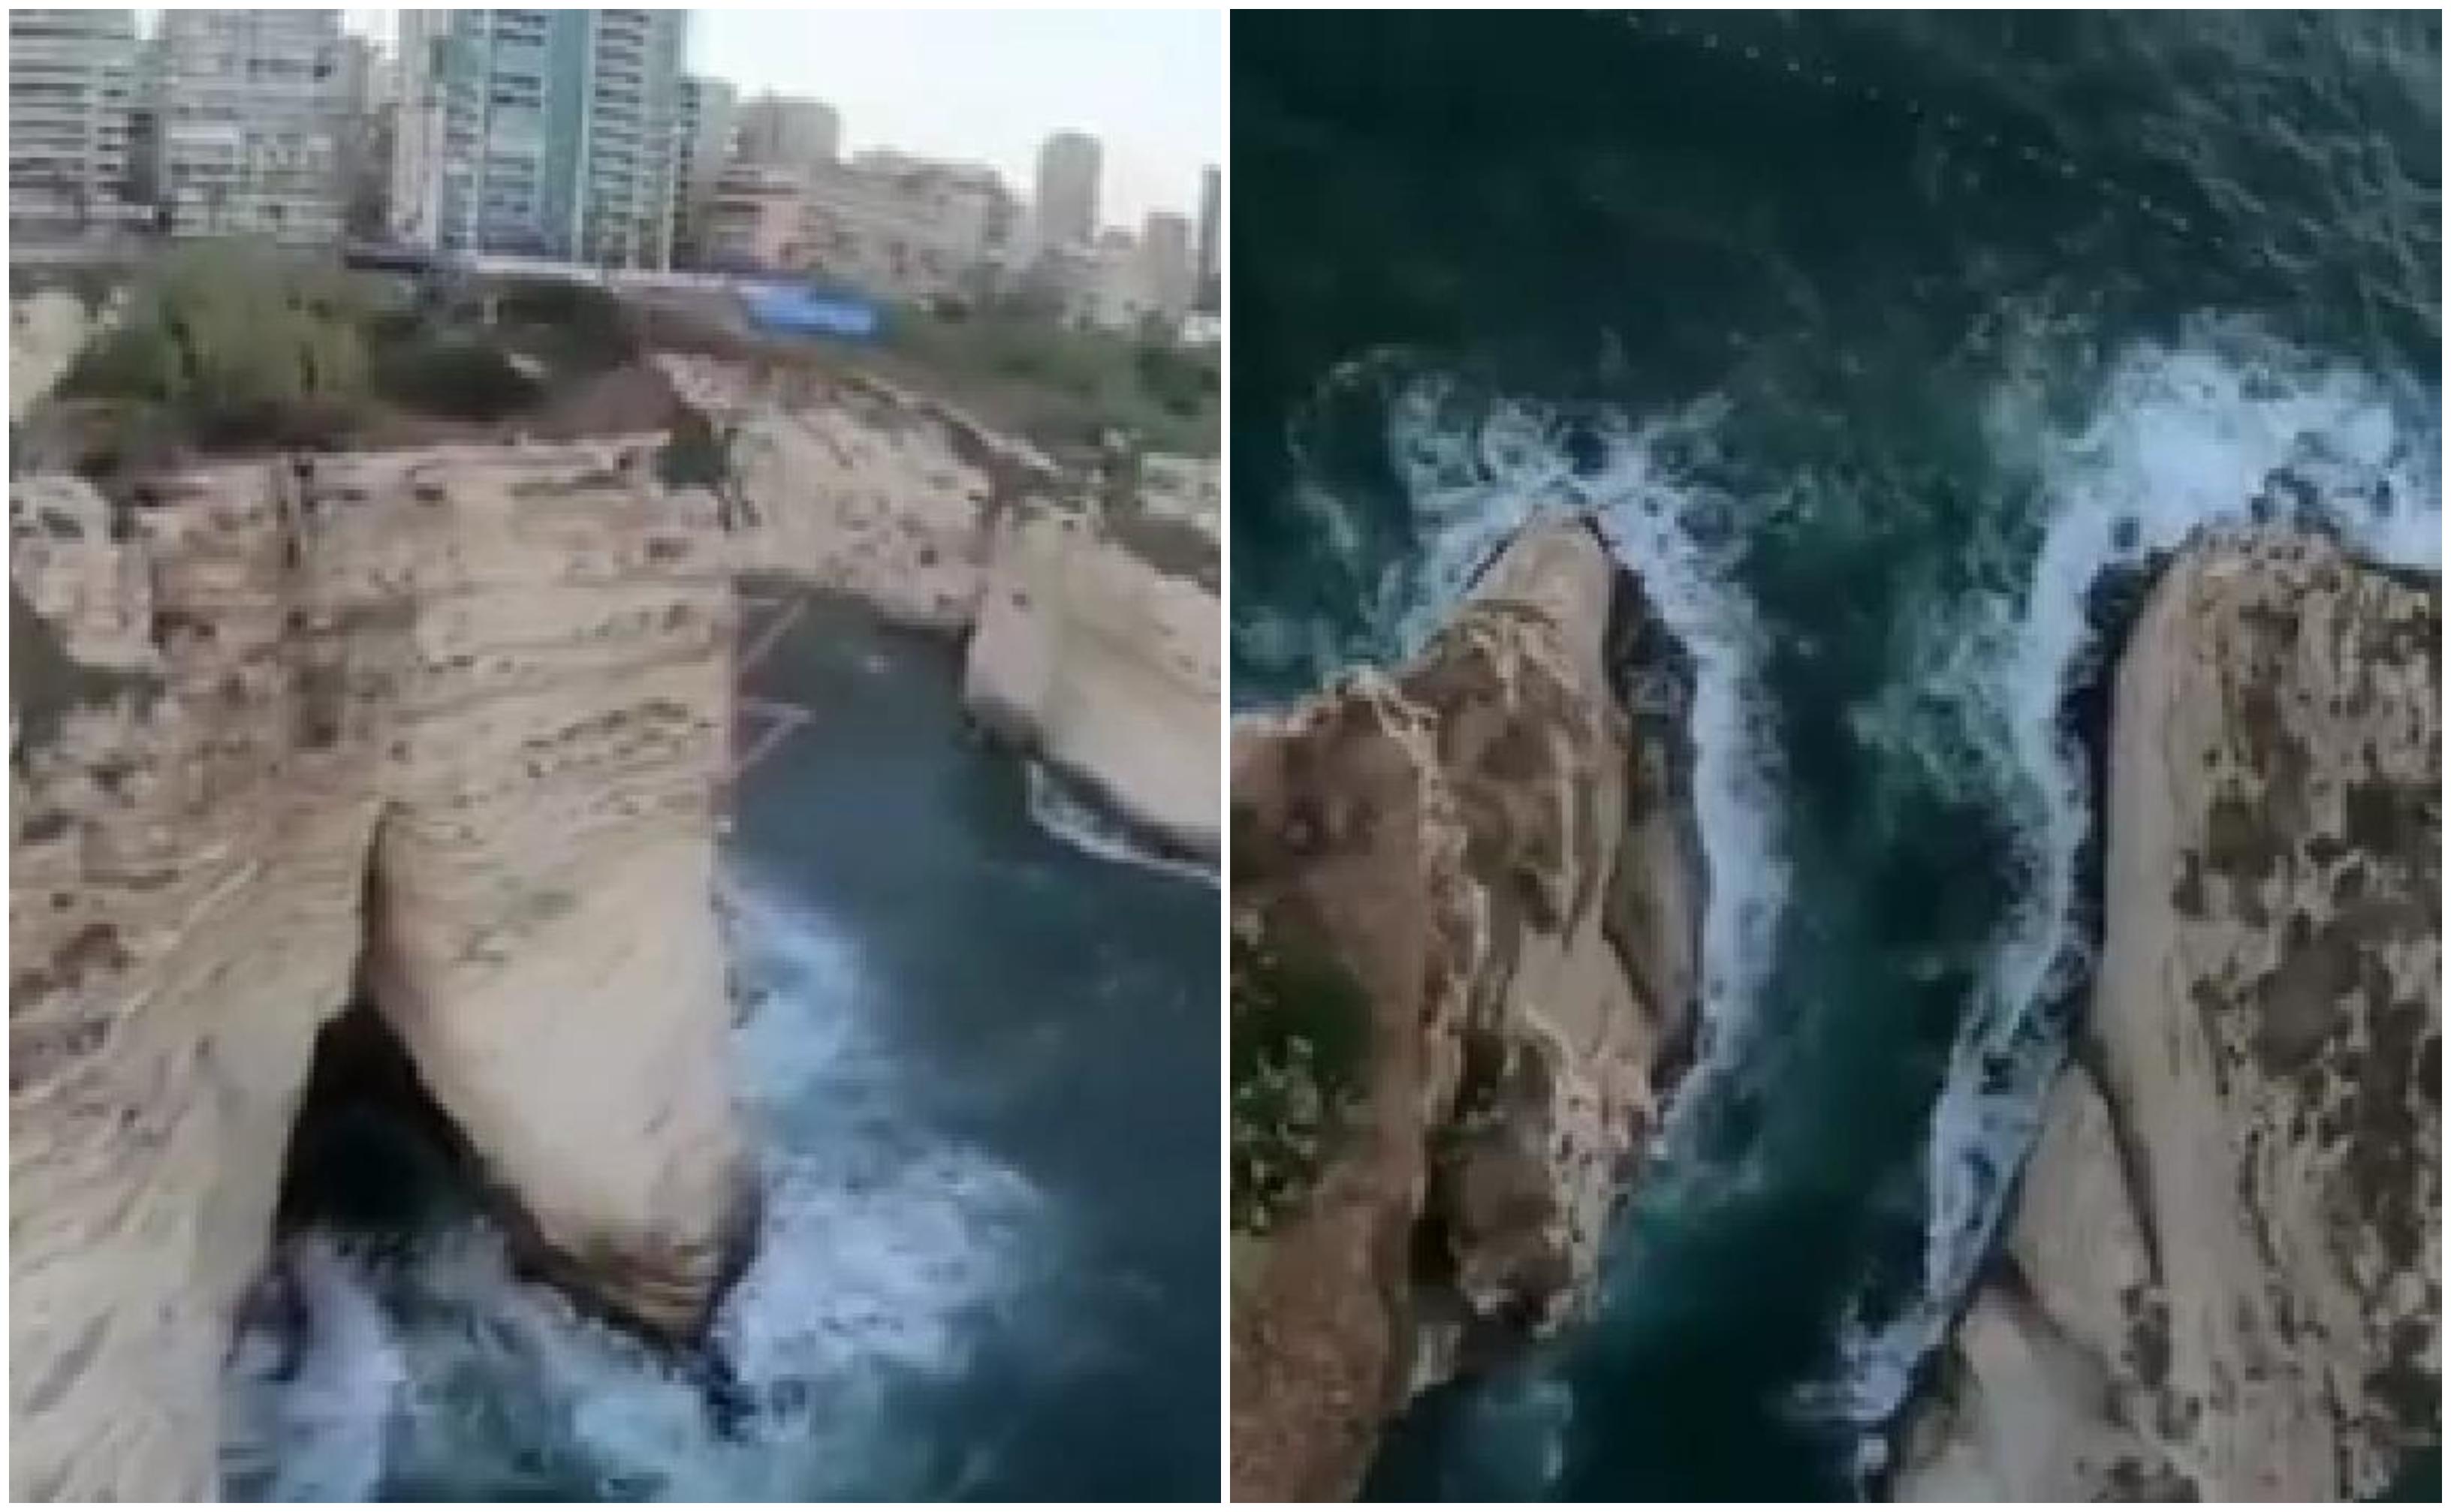 فيديو يحبس الأنفاس يظهر روعة صخرة الروشة في بيروت